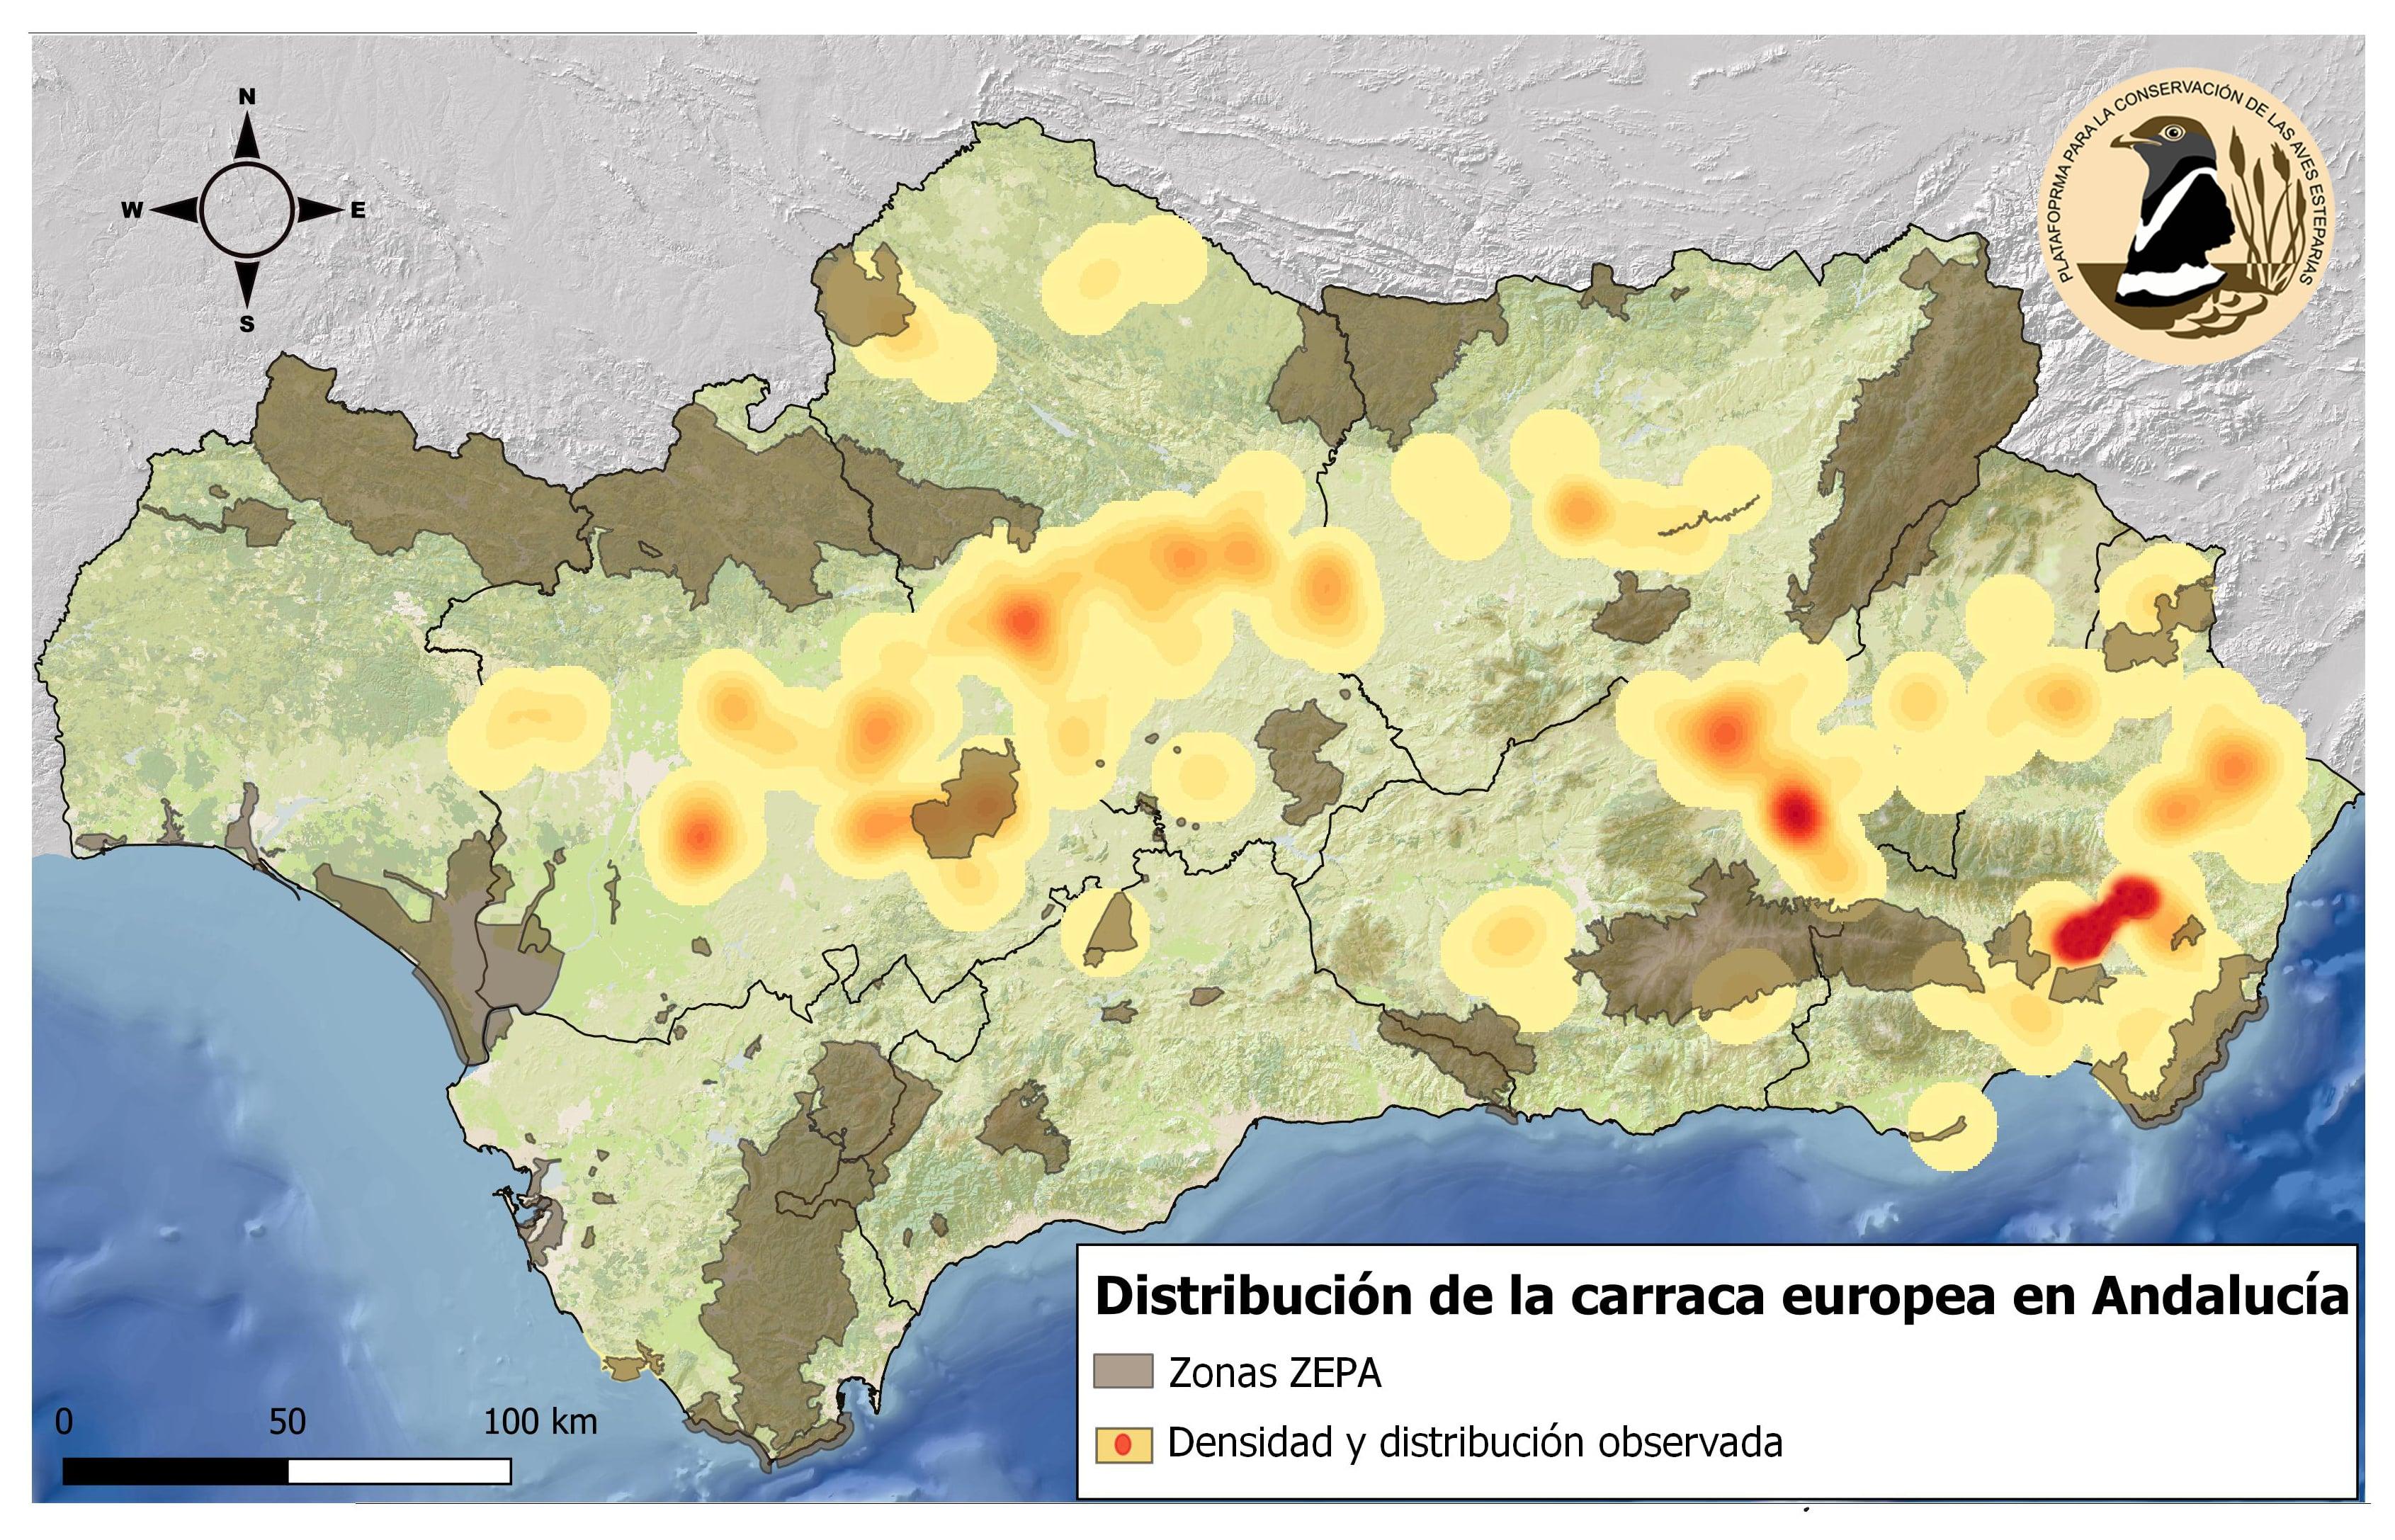 Mapa de distribución y densidad de carraca europea en Andalucía obtenido en el sondeo. Imagen: Pcaeh